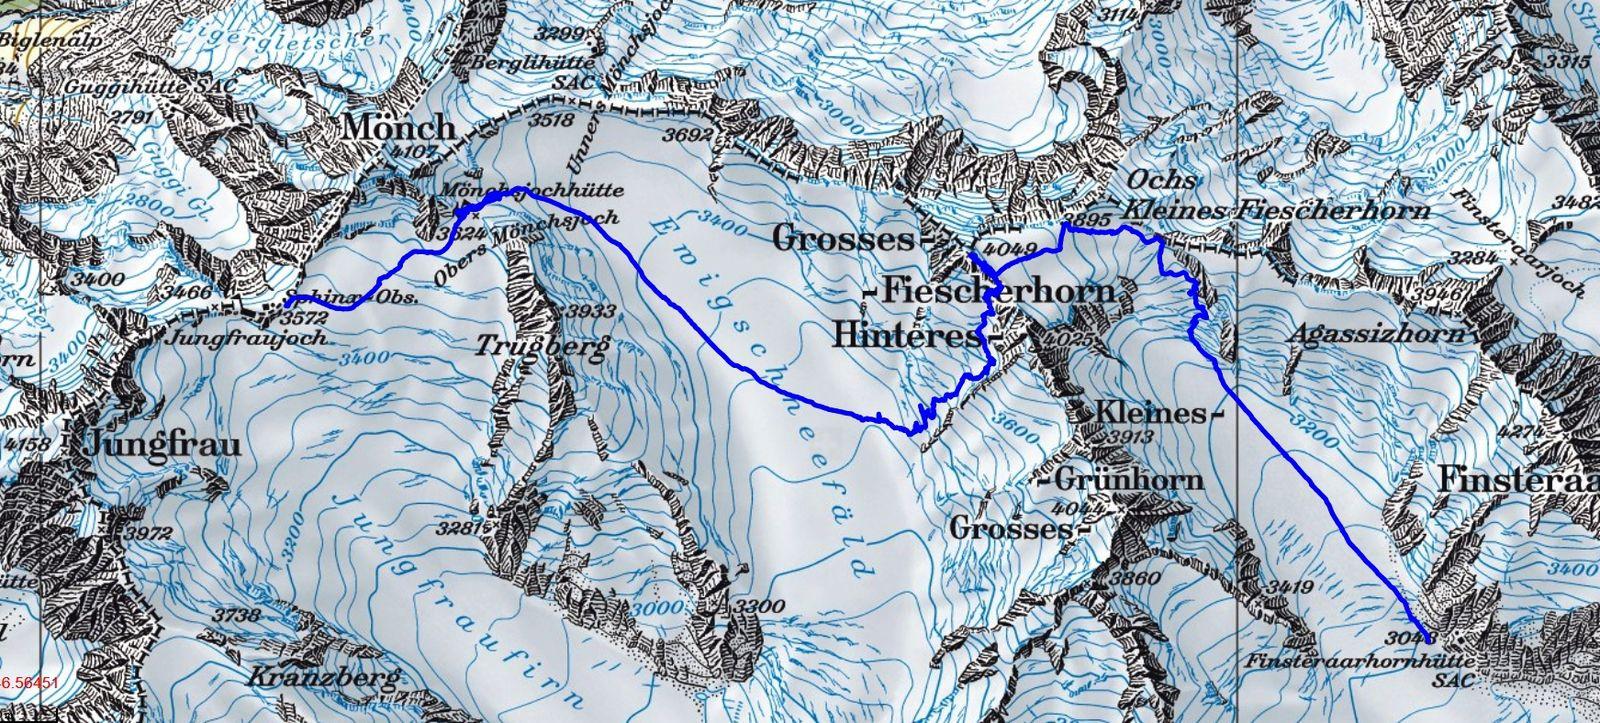 Topo Raid en Oberland J1 Carte : Du Jungfraujoch à la Finsteraarhornhütte par la Grosses Fiescherhorn